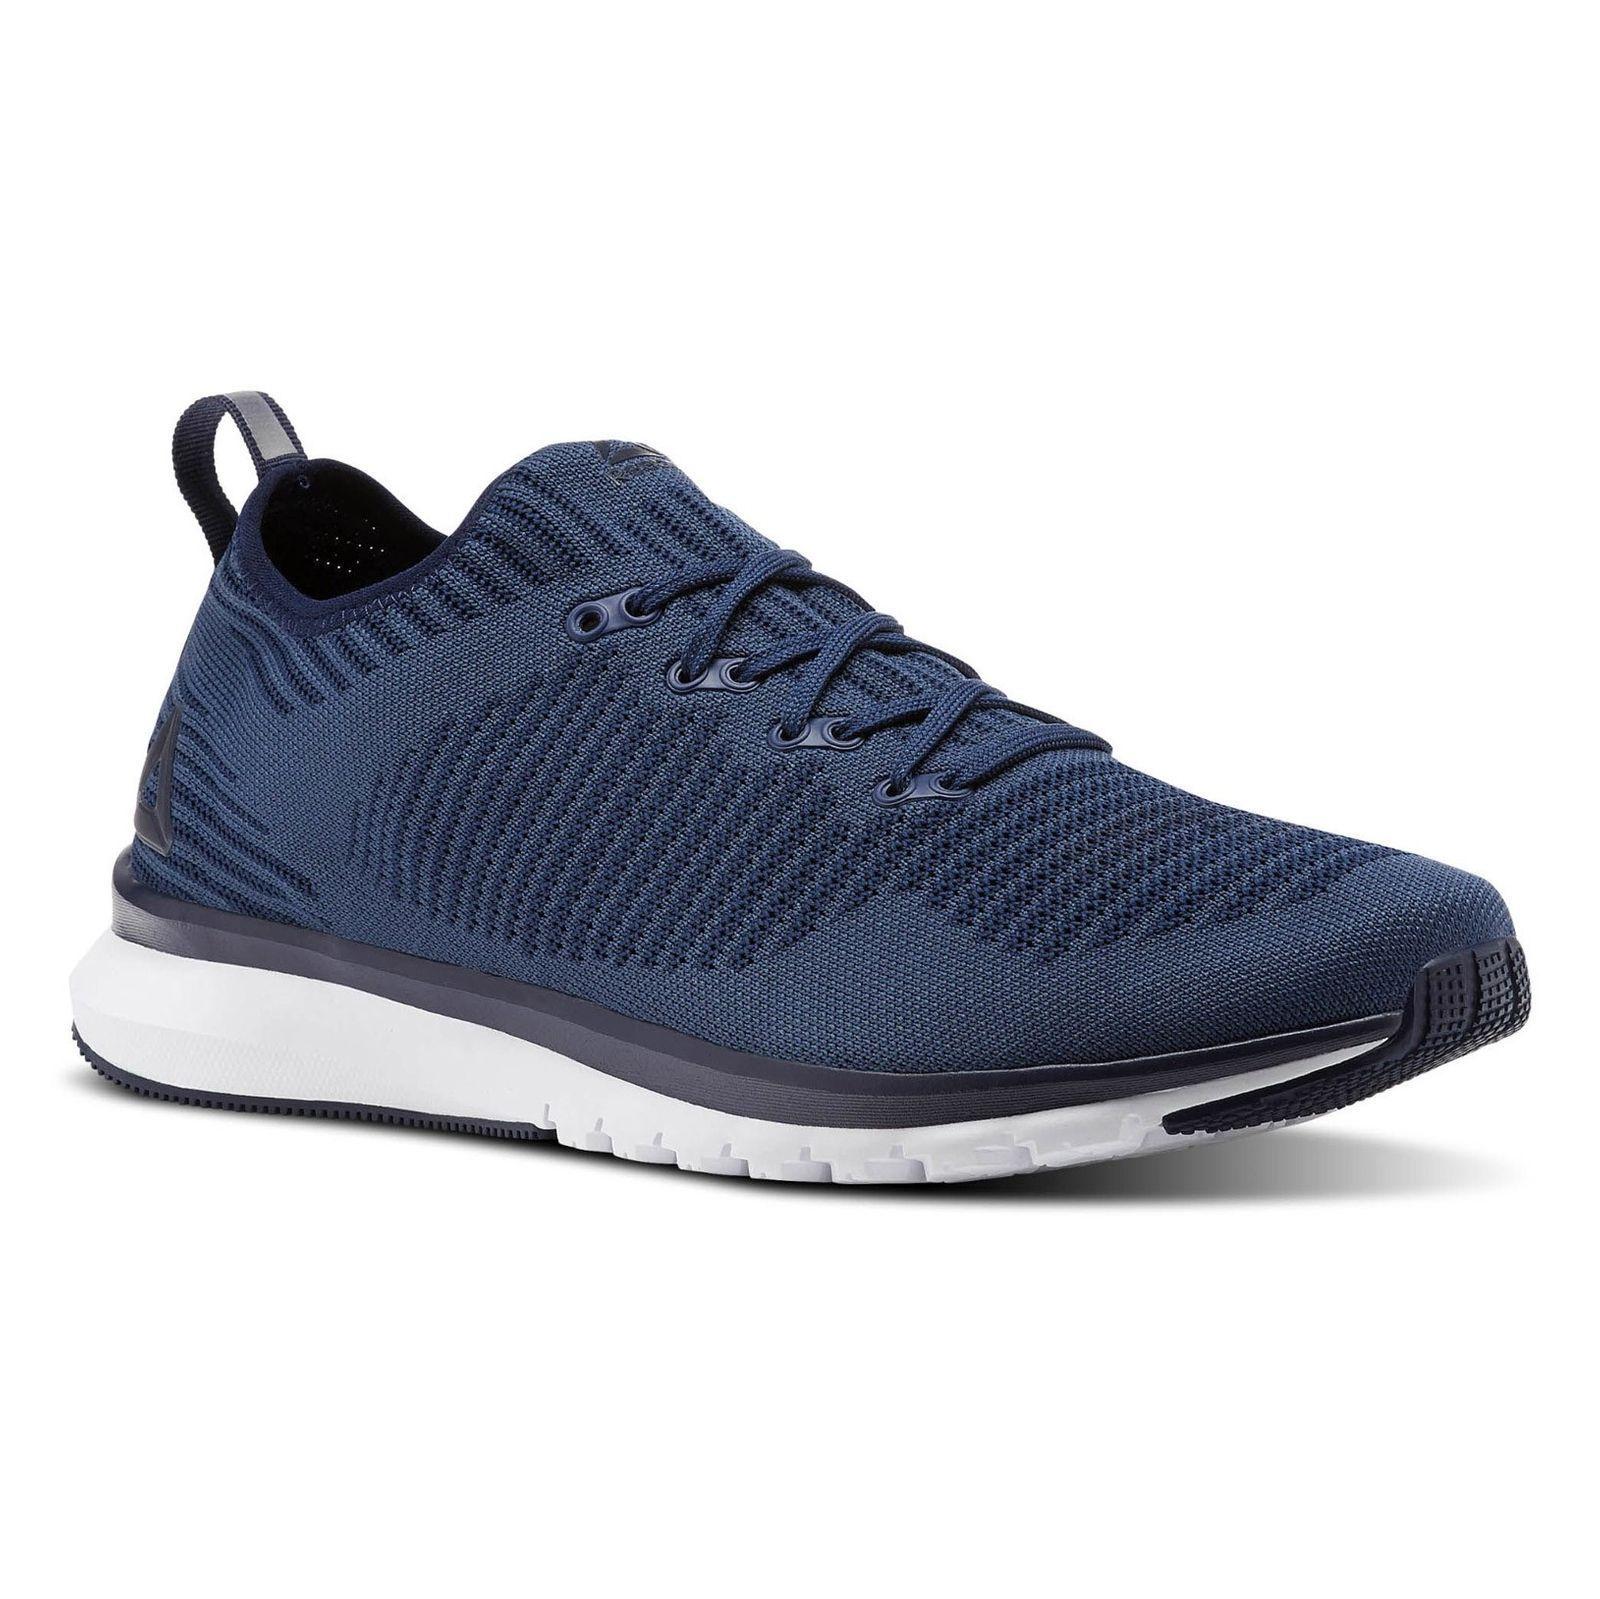 کفش مخصوص دویدن مردانه ریباک مدل Print Smooth 2.0 ULTK - آبي تيره  - 5